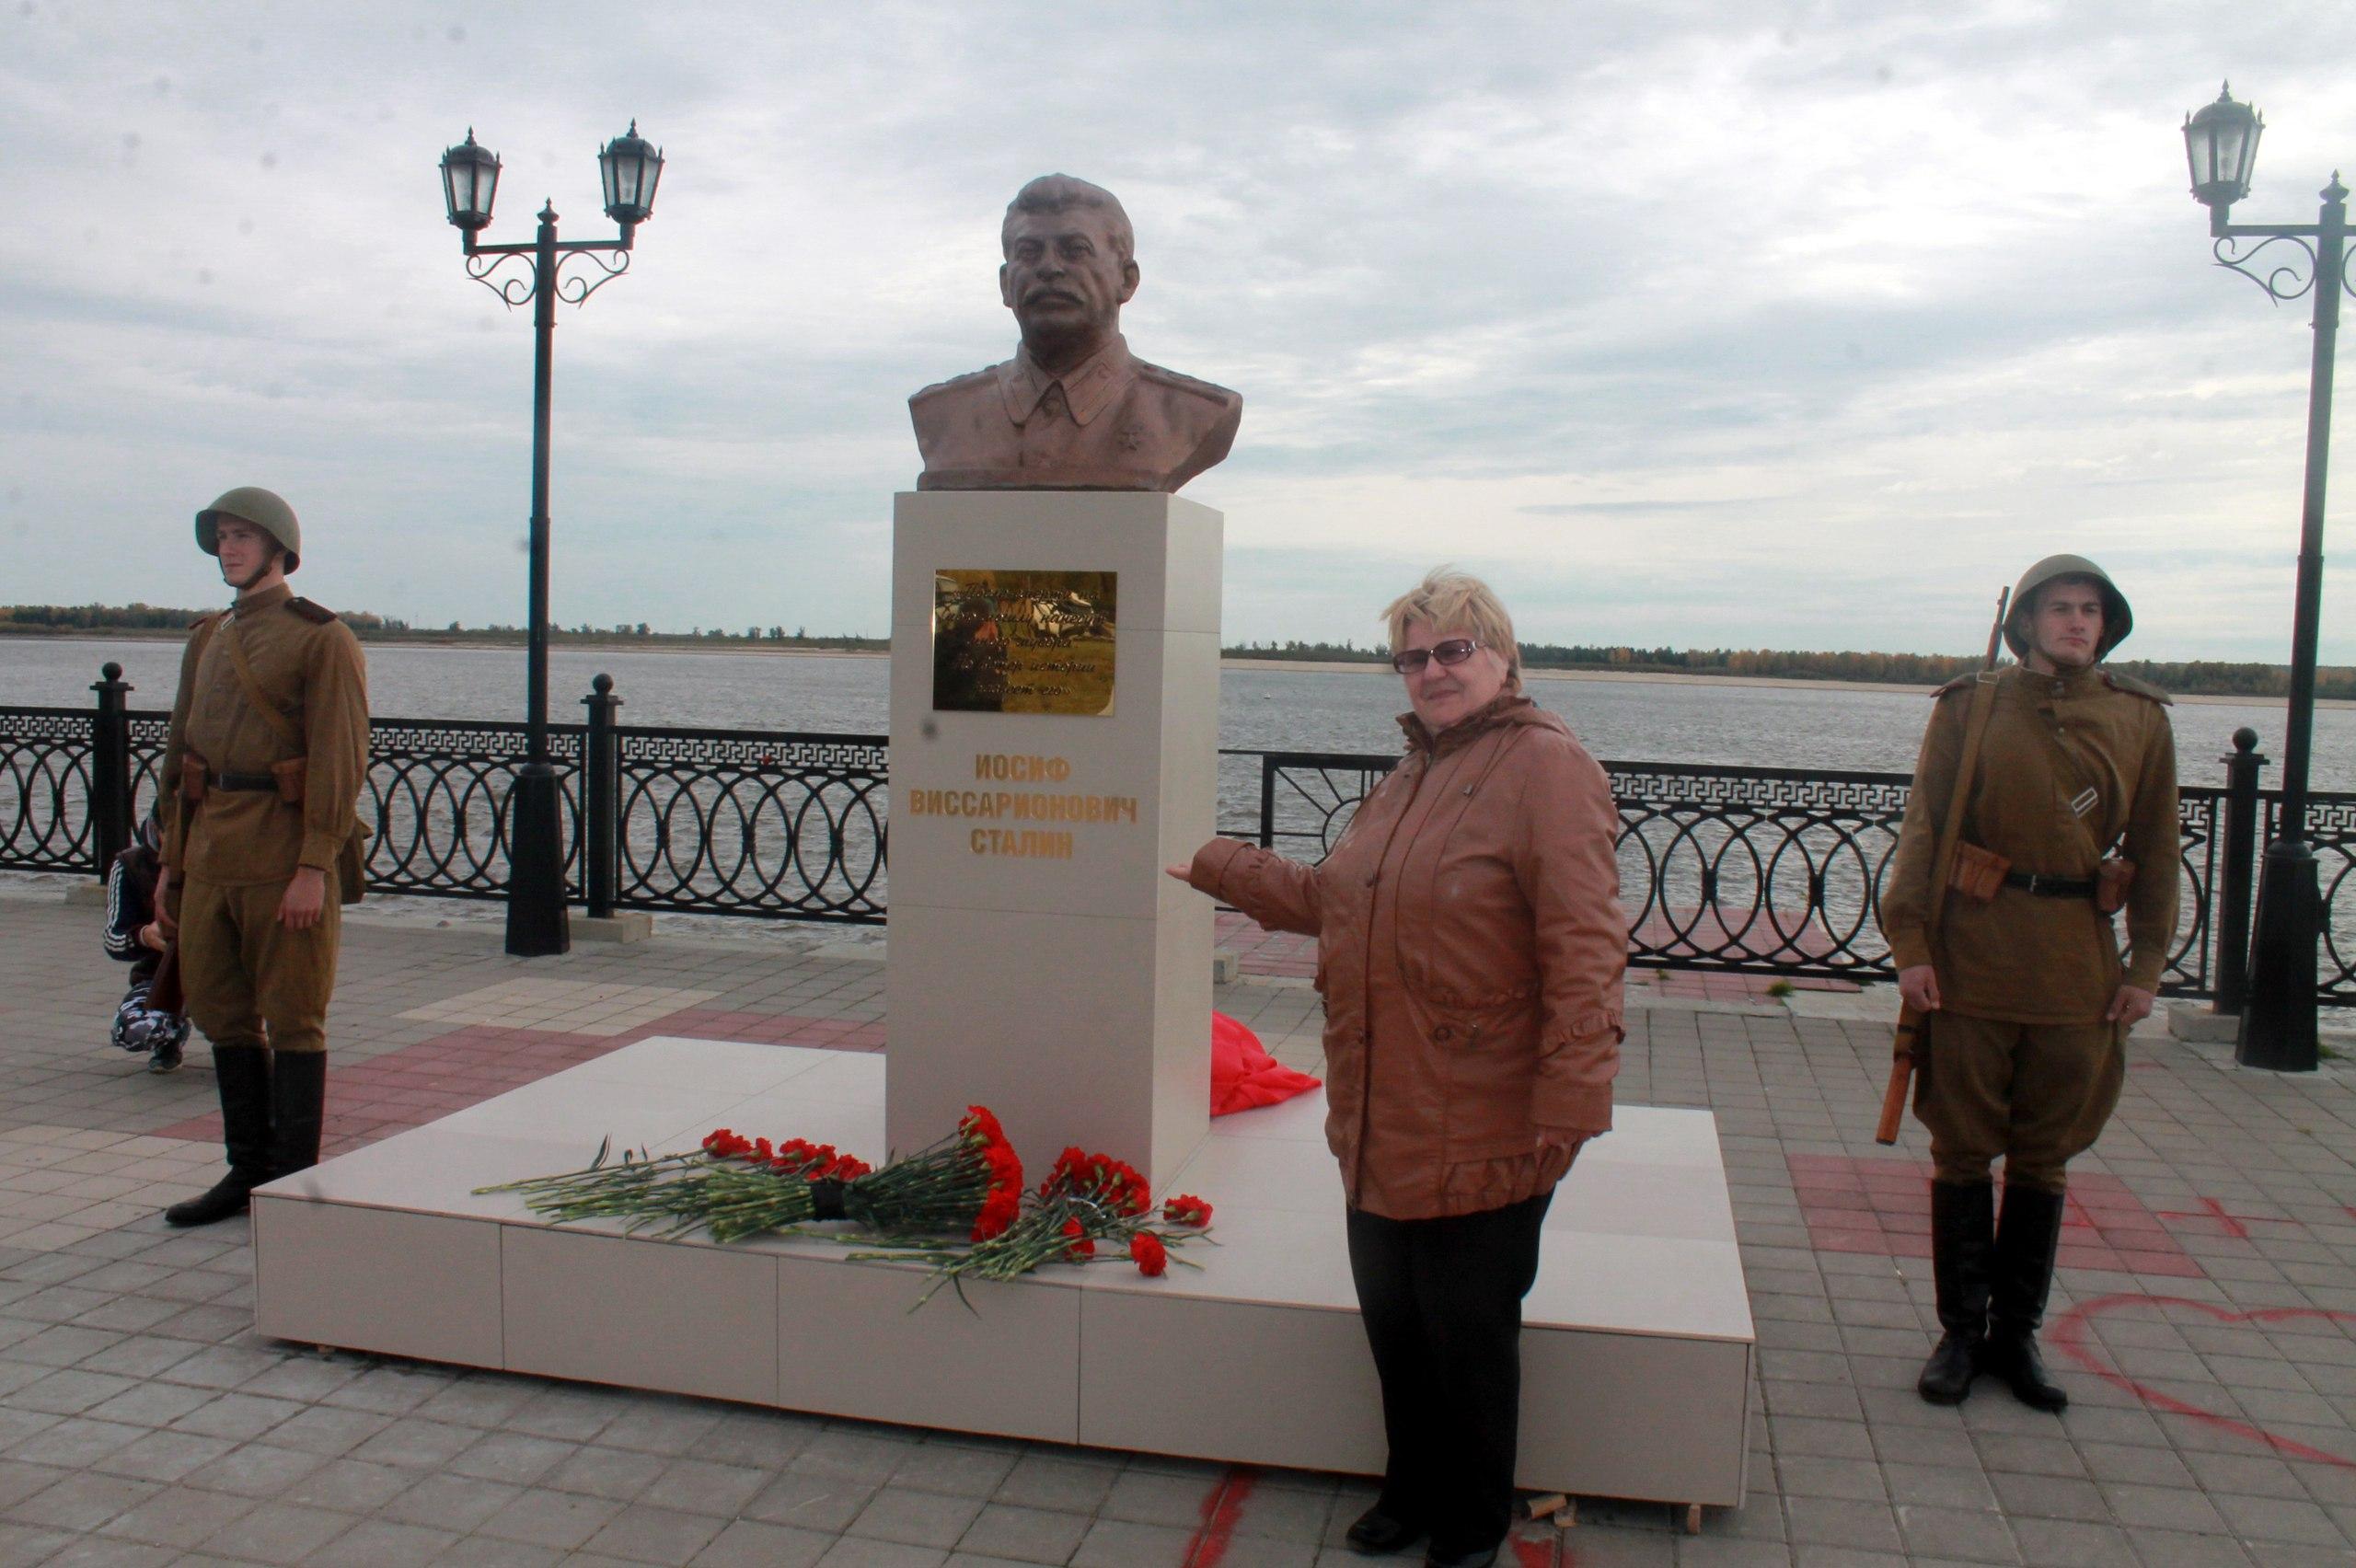 Где установлен памятник сталину как написать некролог в газету образец